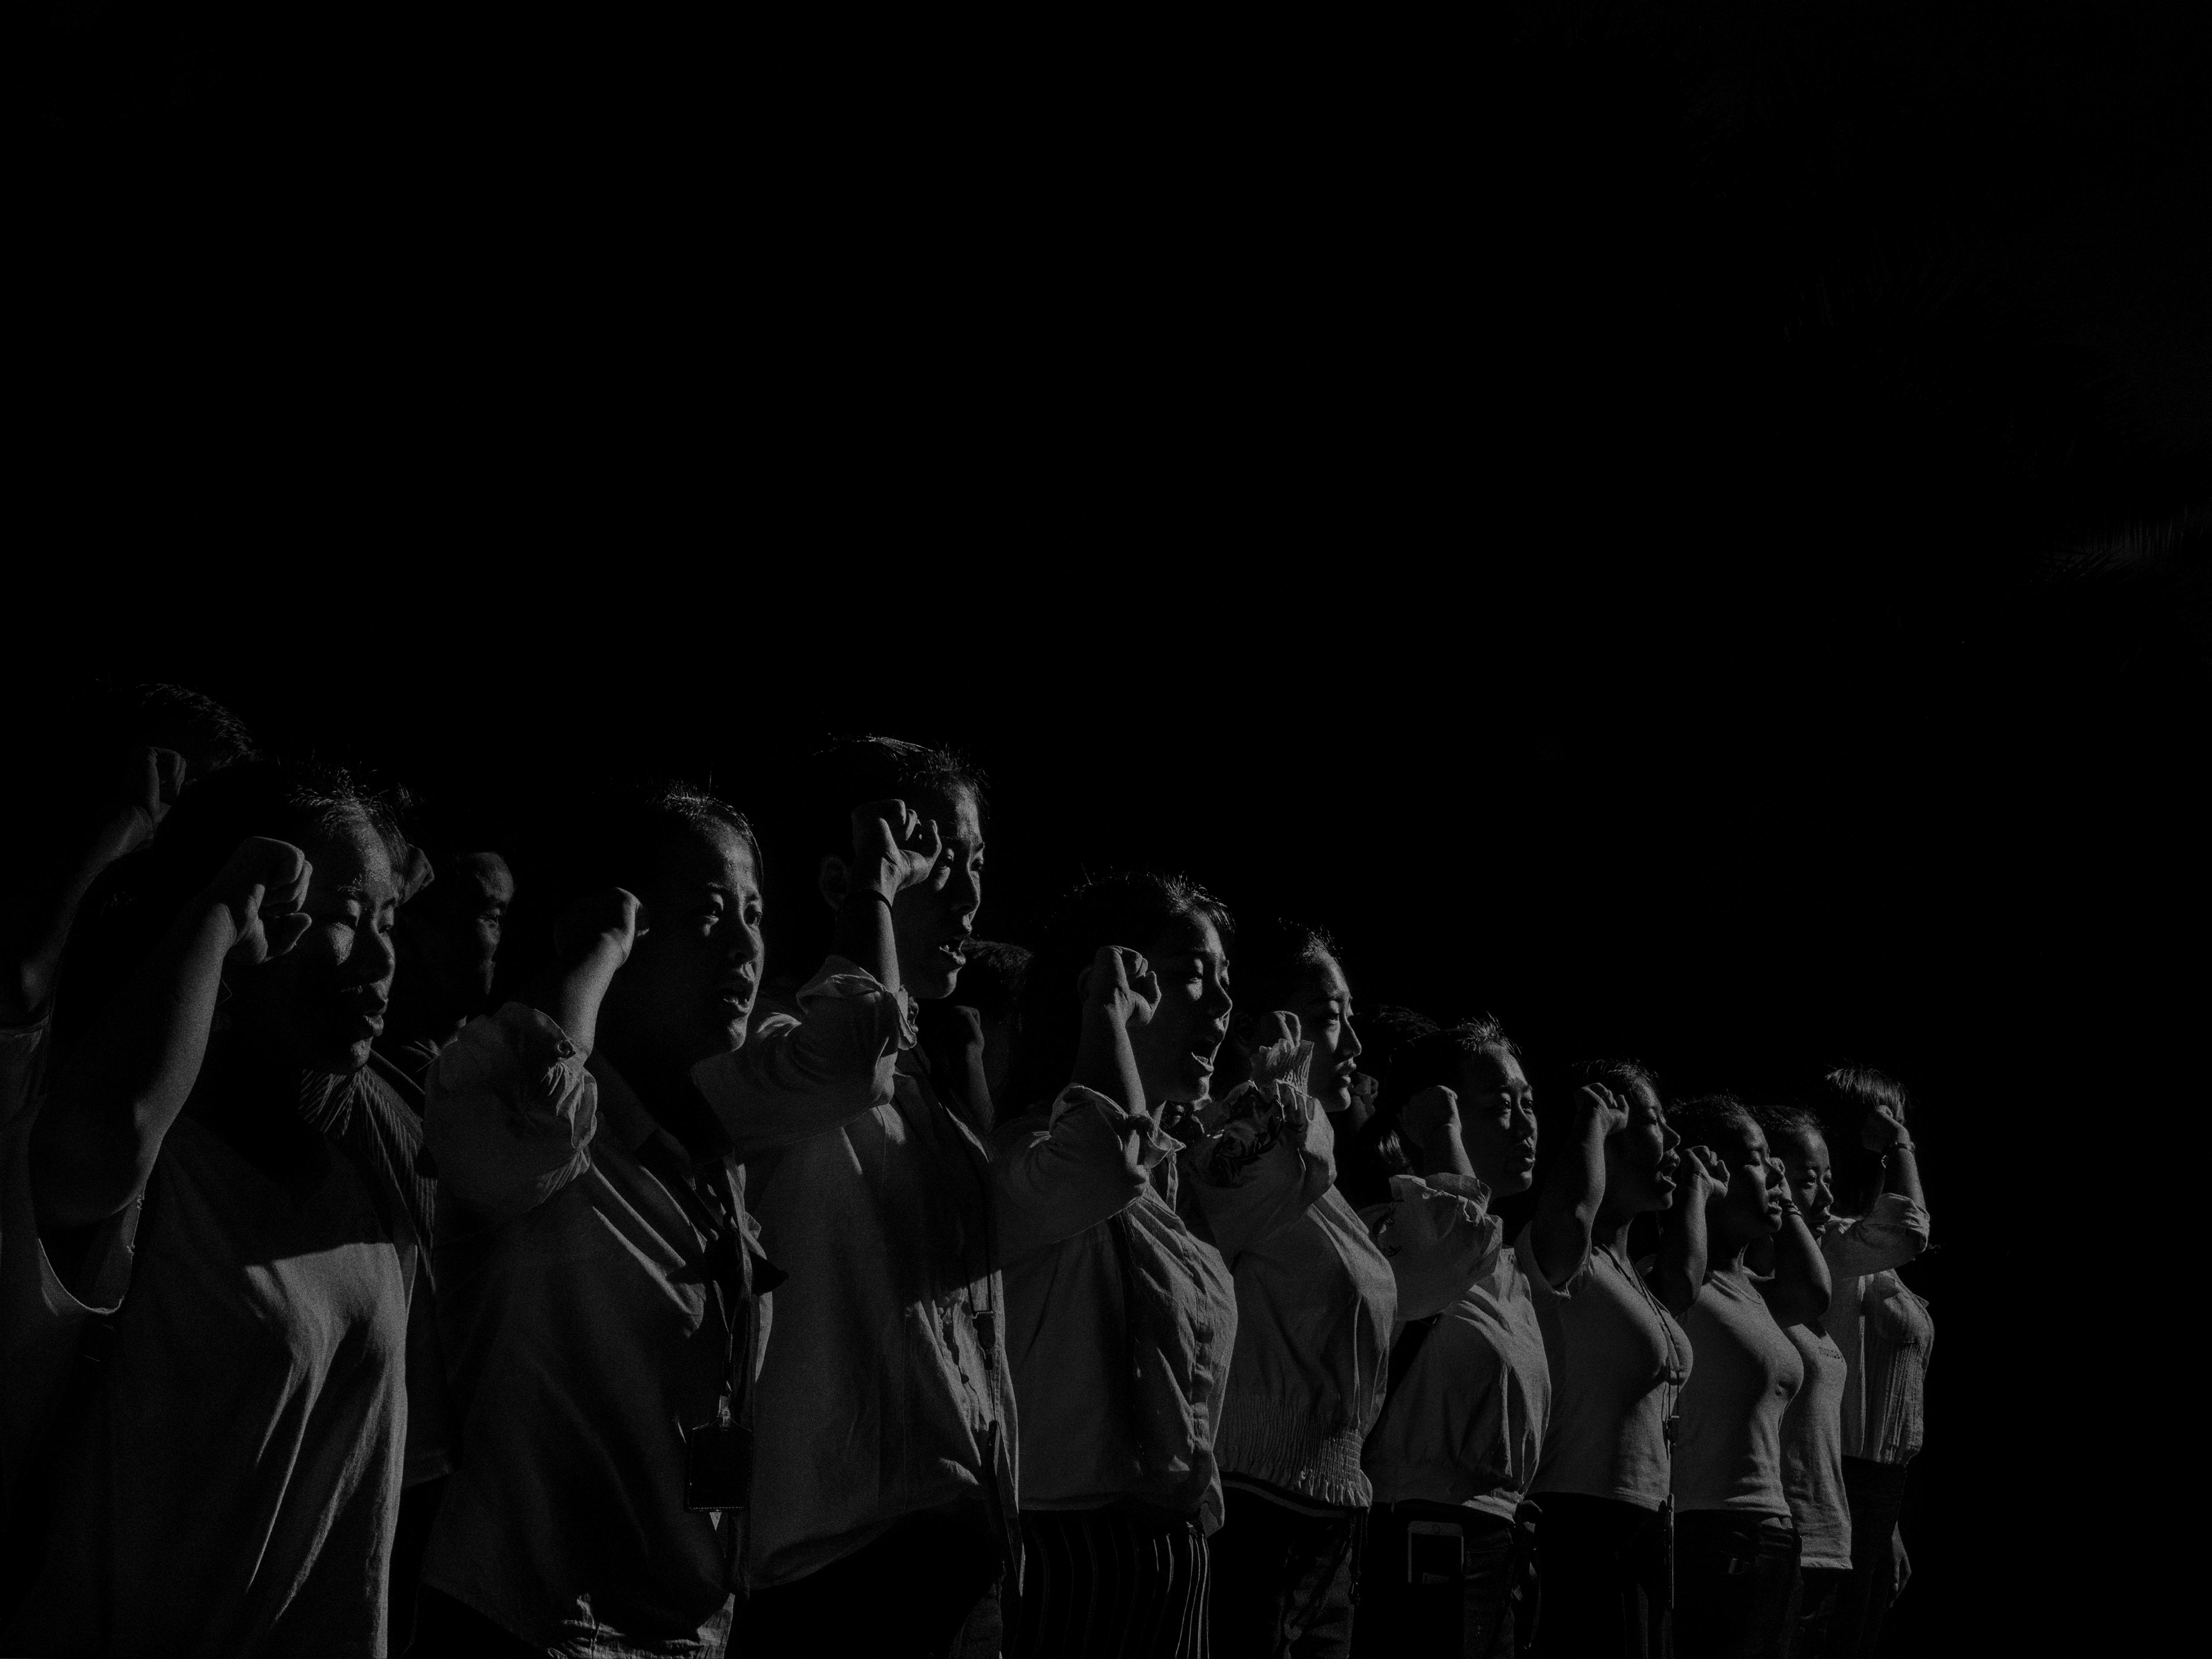 Alex Majoli, Chine, Shenzhen, 2017, Scene #1350 © Alex Majoli / Magnum Photos Les employés d'un institut de beauté participent à une réunion de motivation avant de commencer leur travail.